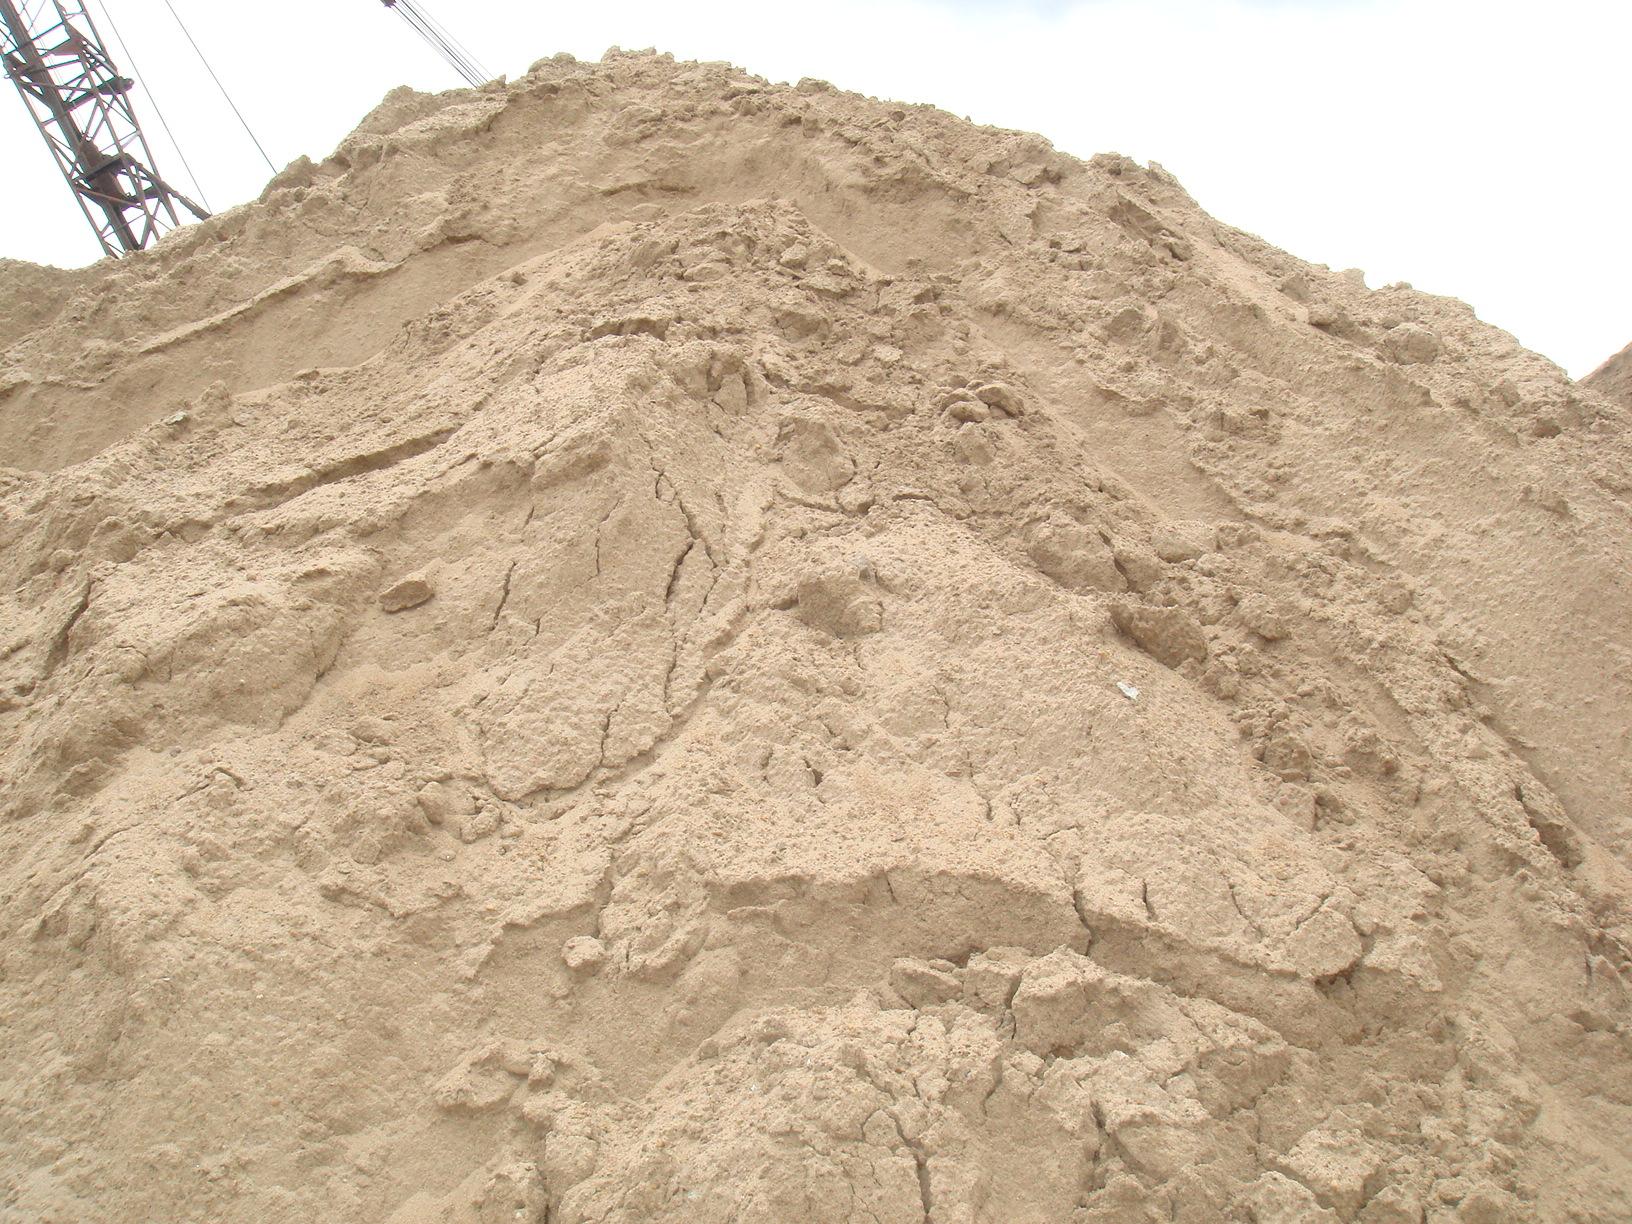 Báo giá cát bê tông giá rẻ mới nhất tại Tphcm năm 2020